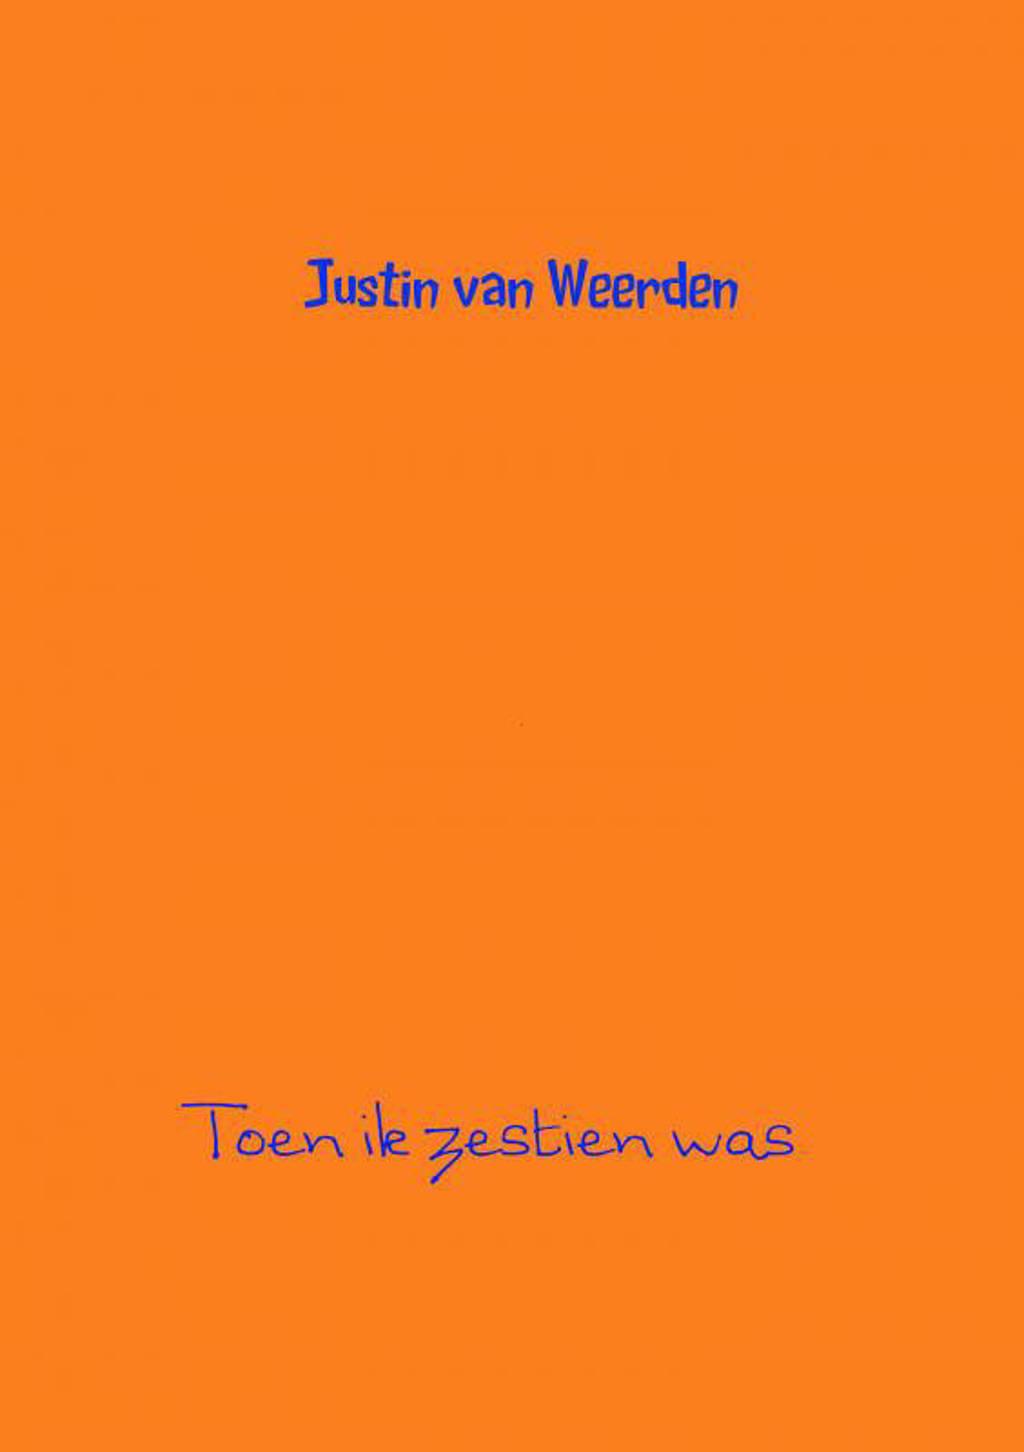 Toen ik zestien was - Justin van Weerden